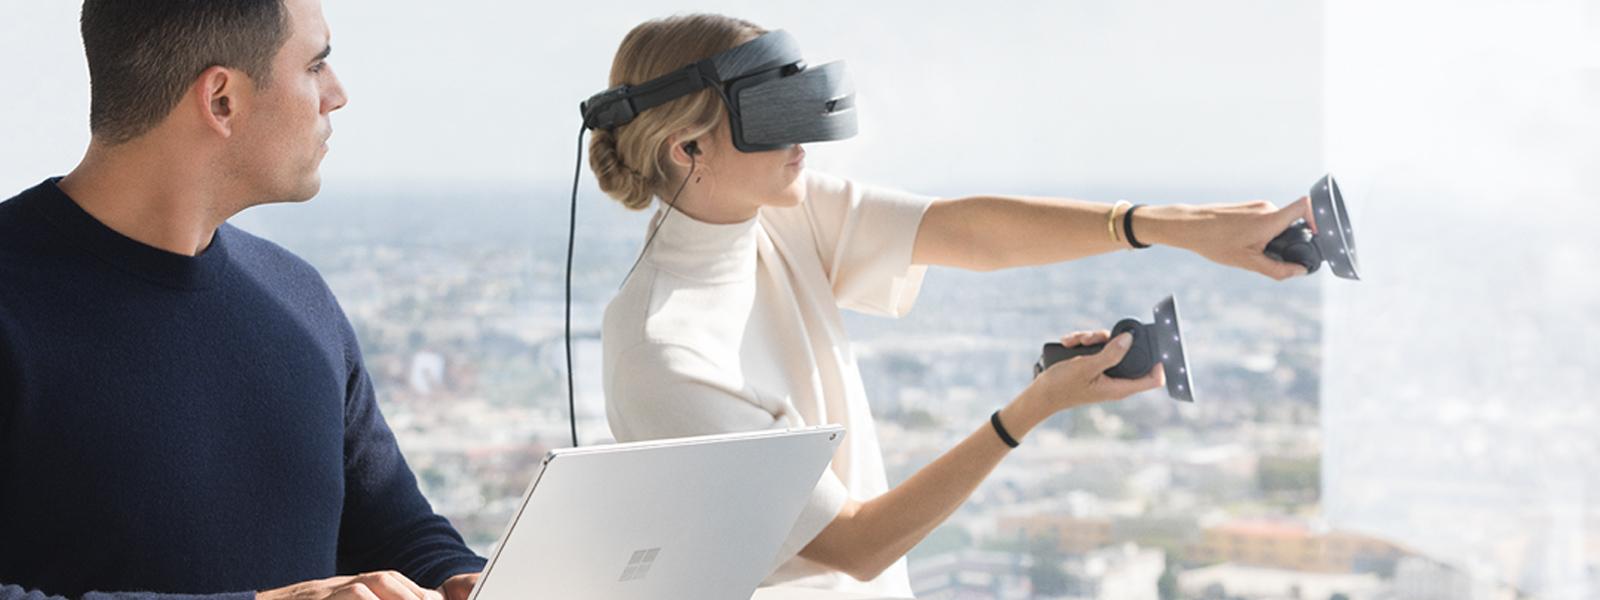 Femme utilisant un casque Windows Mixed Reality et un contrôleur de mouvements